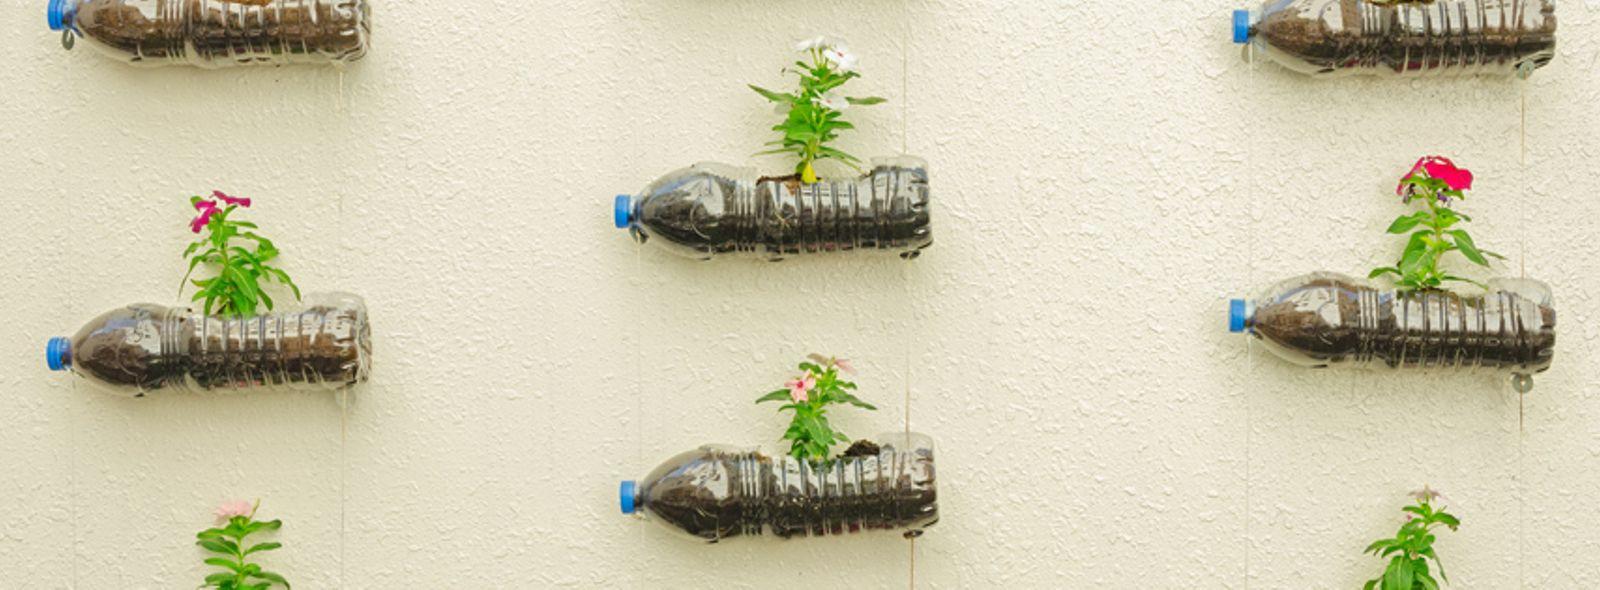 Come riciclare bottiglie plastica